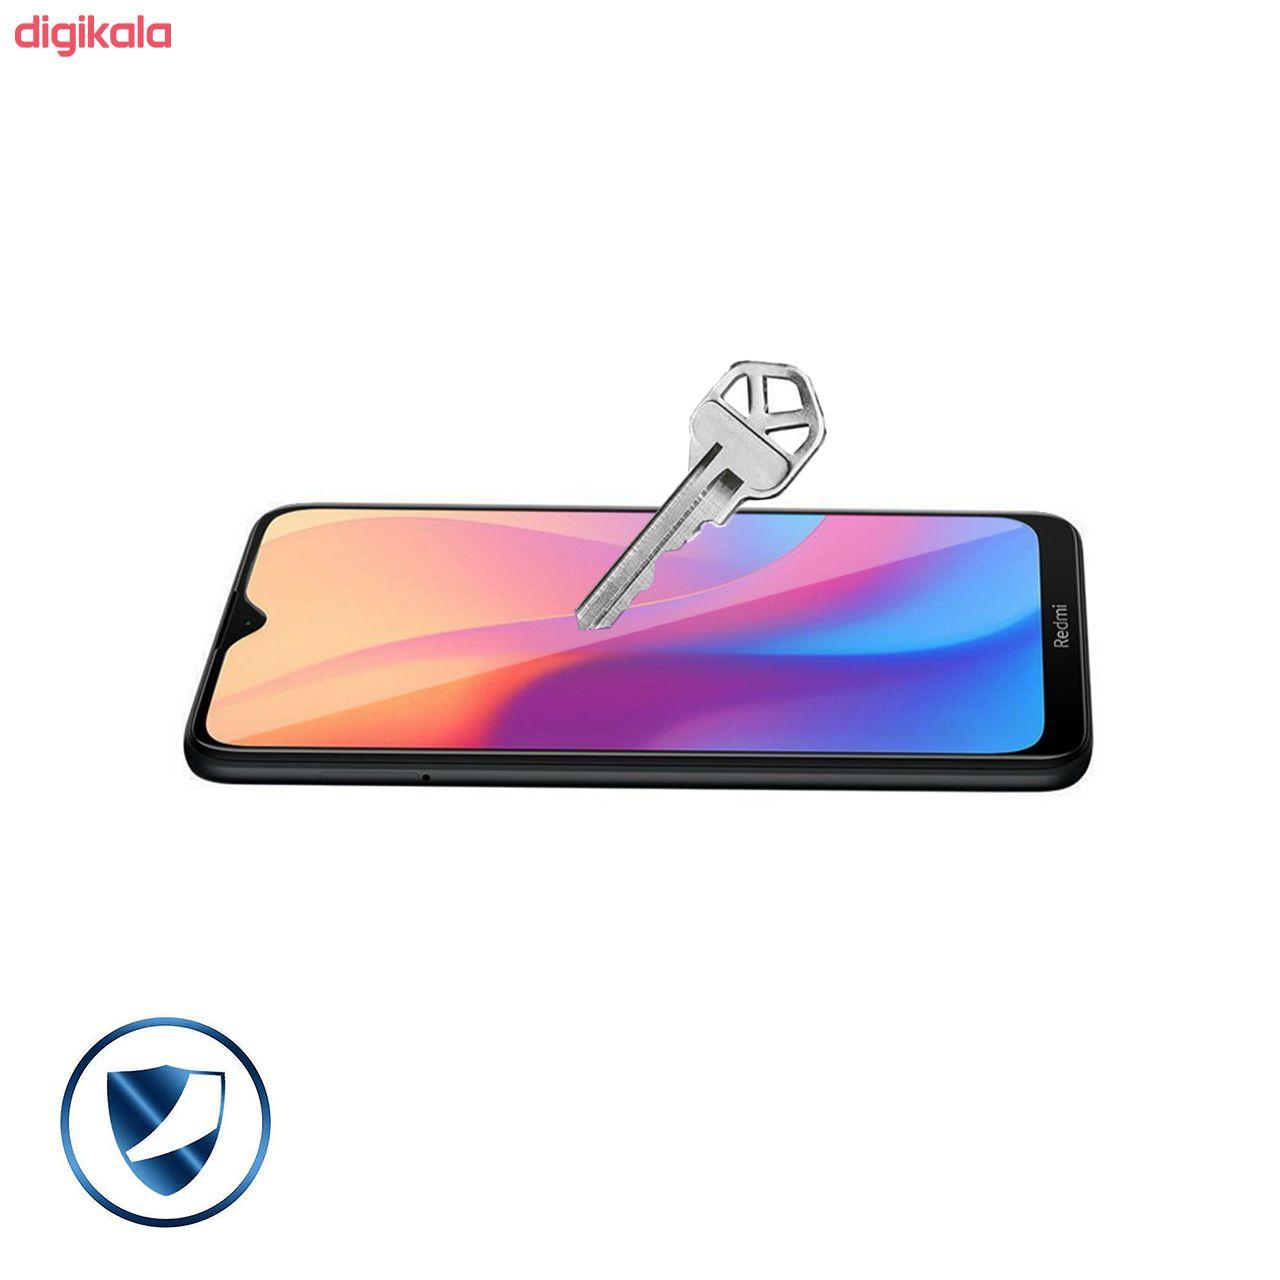 محافظ صفحه نمایش سیحان مدل FG مناسب برای گوشی موبایل شیائومی Redmi 8A main 1 6